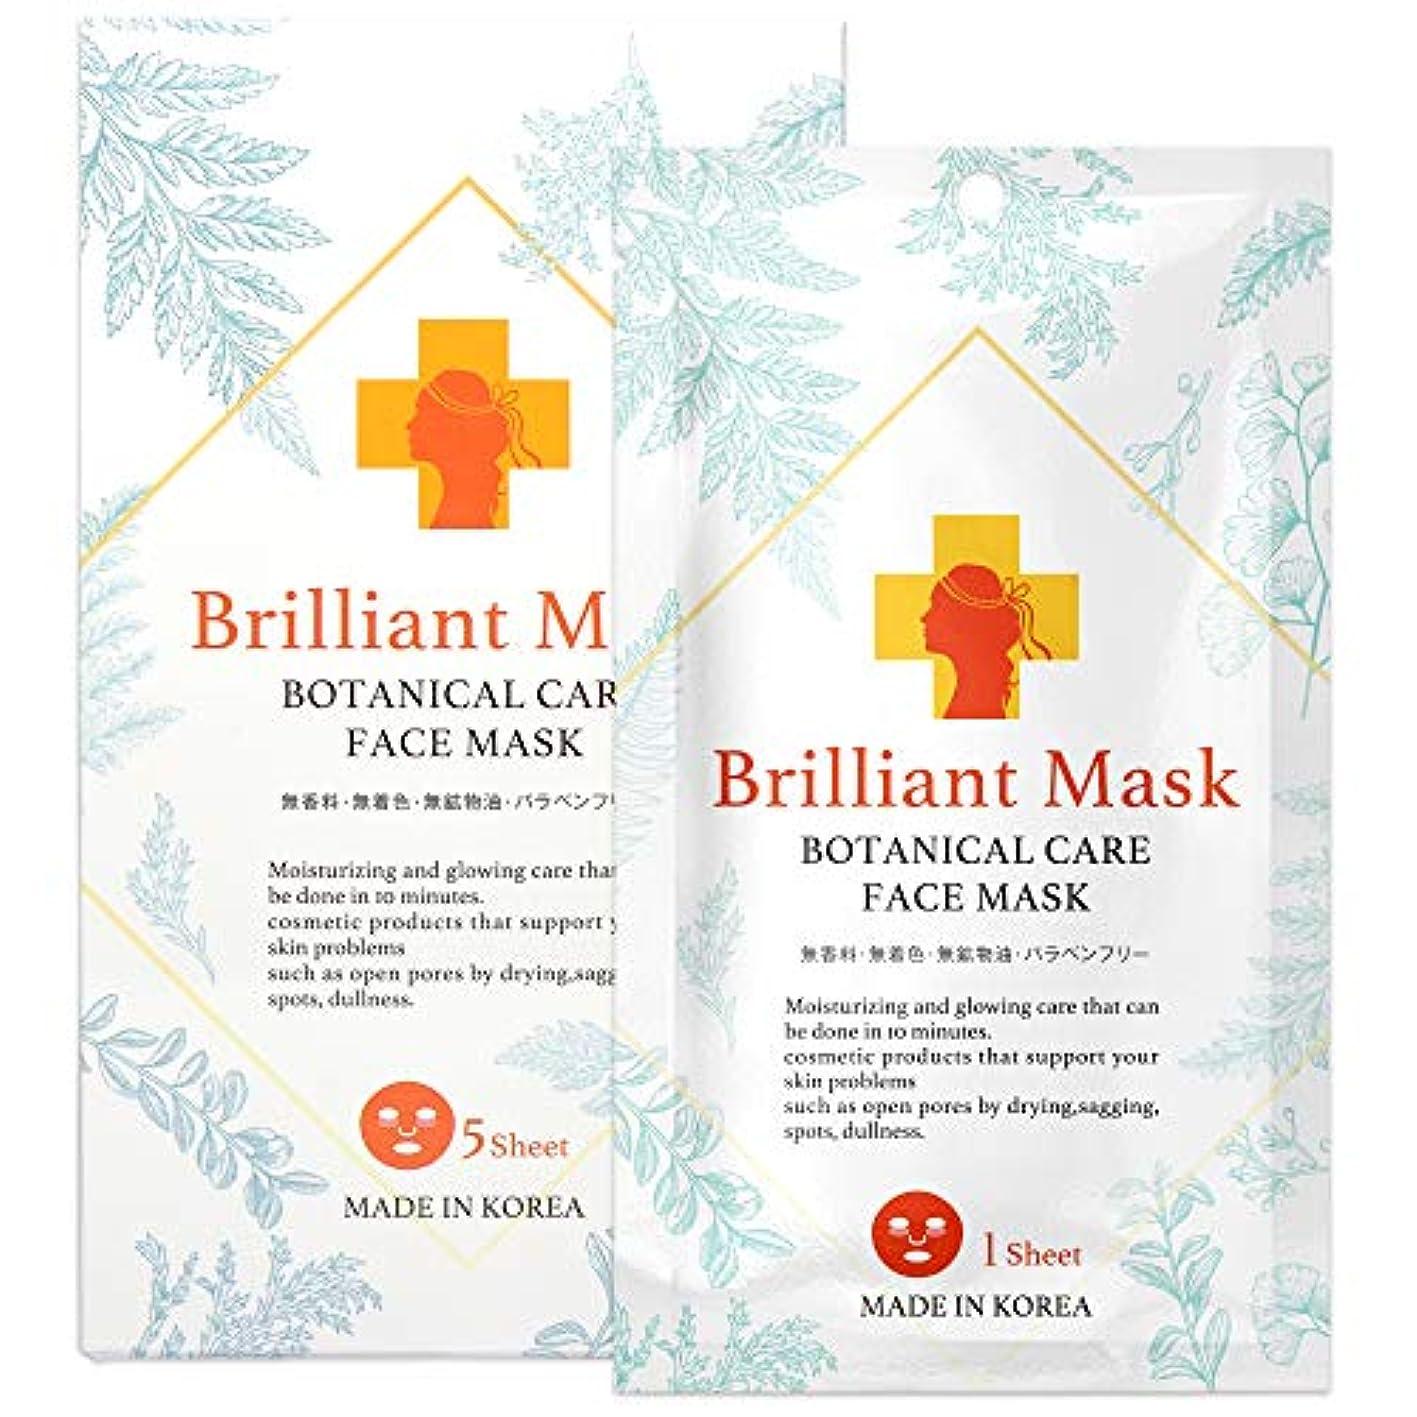 リスキーな代わりにを立てる暗黙Brilliant Mask(ブリリアントマスク) ボタニカルケア フェイスマスク 5枚入り